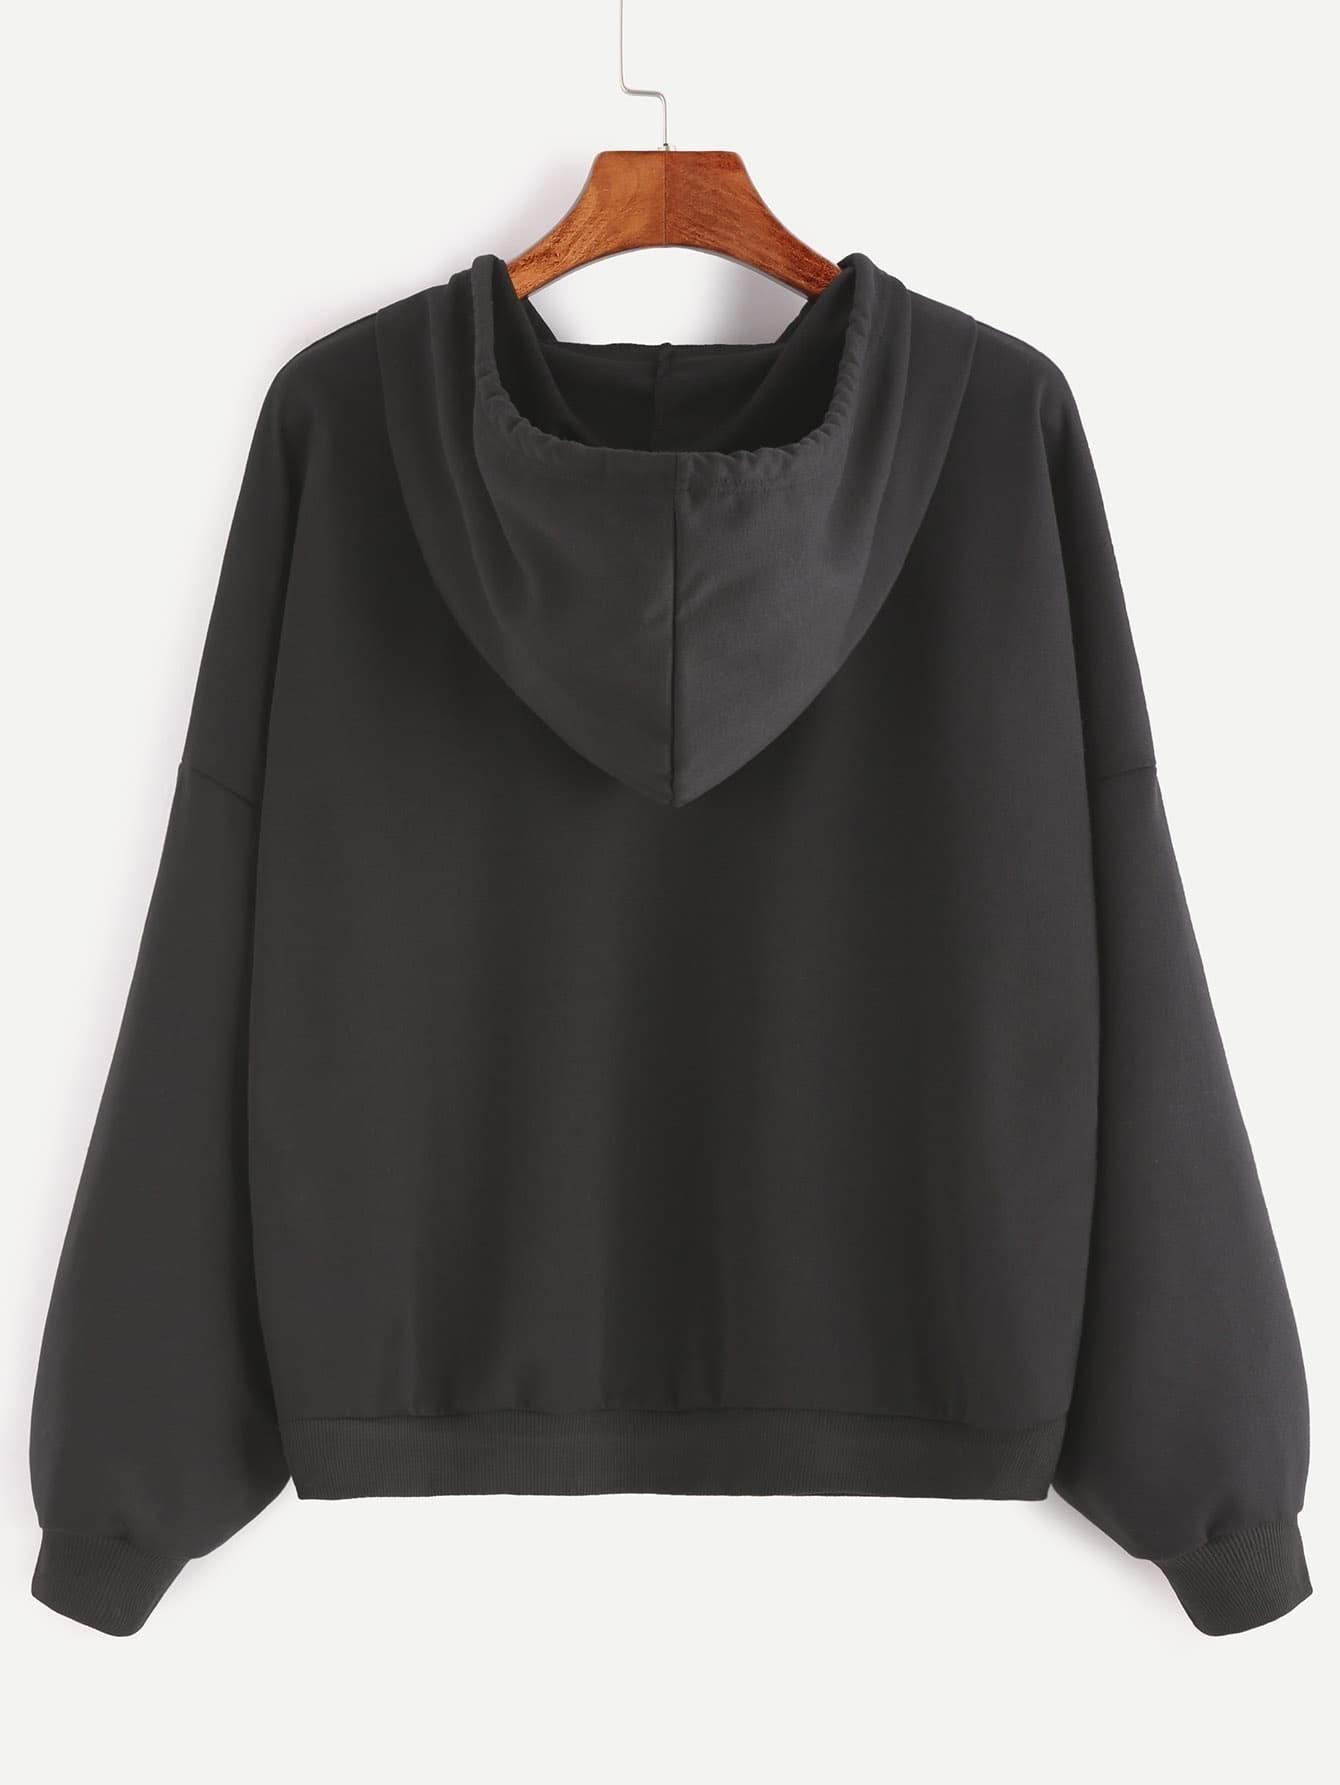 sweatshirt161212005_2